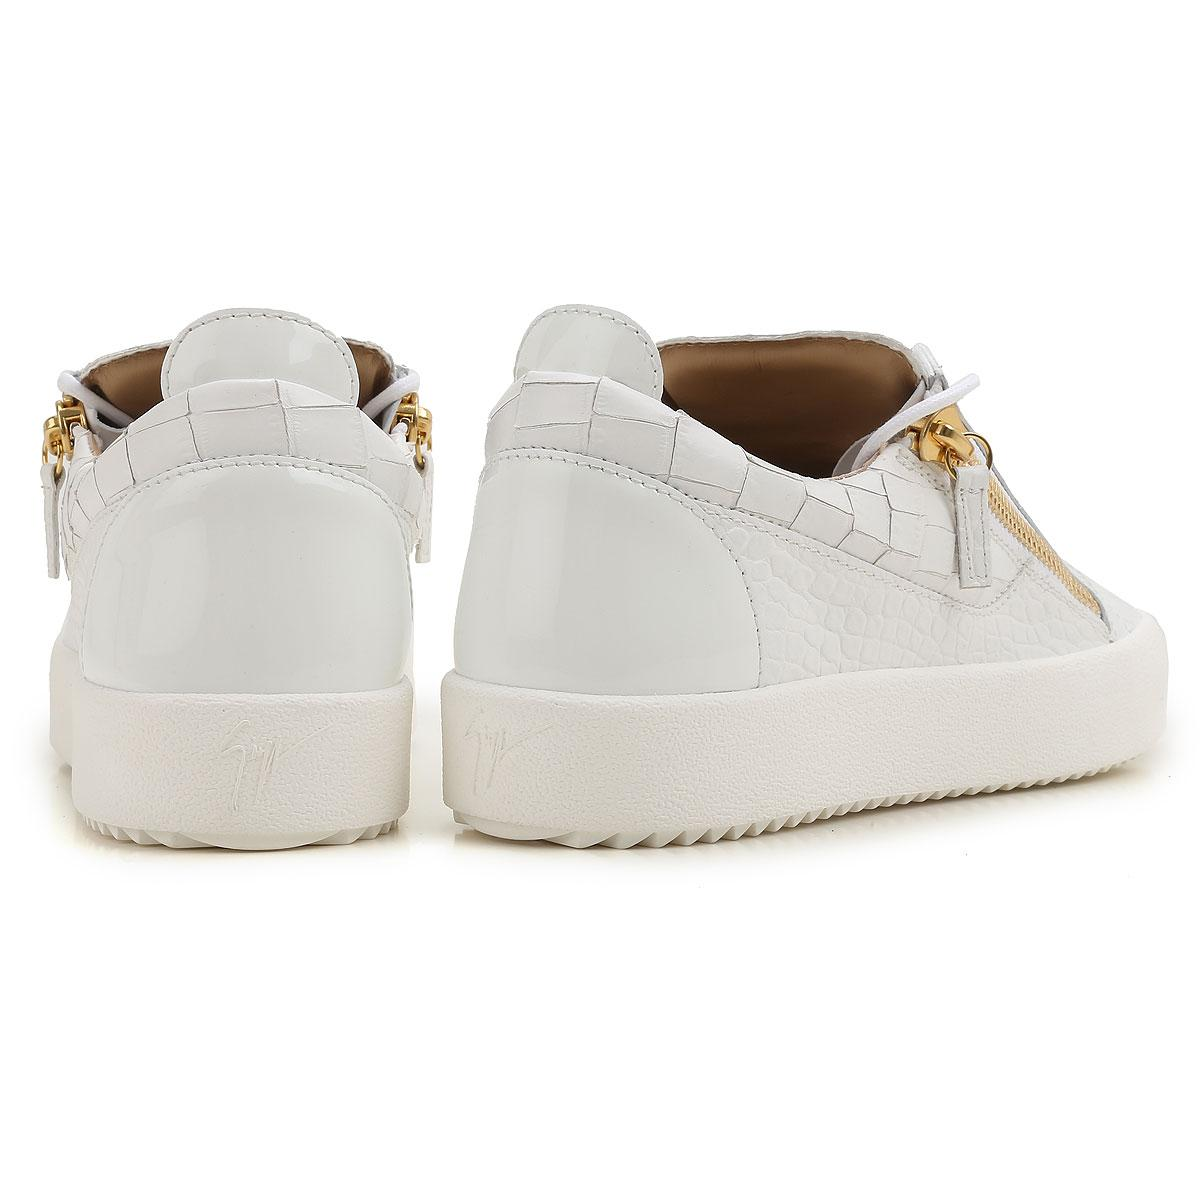 92805f5f901 Giuseppe Zanotti - White Sneakers For Men On Sale for Men - Lyst. View  fullscreen